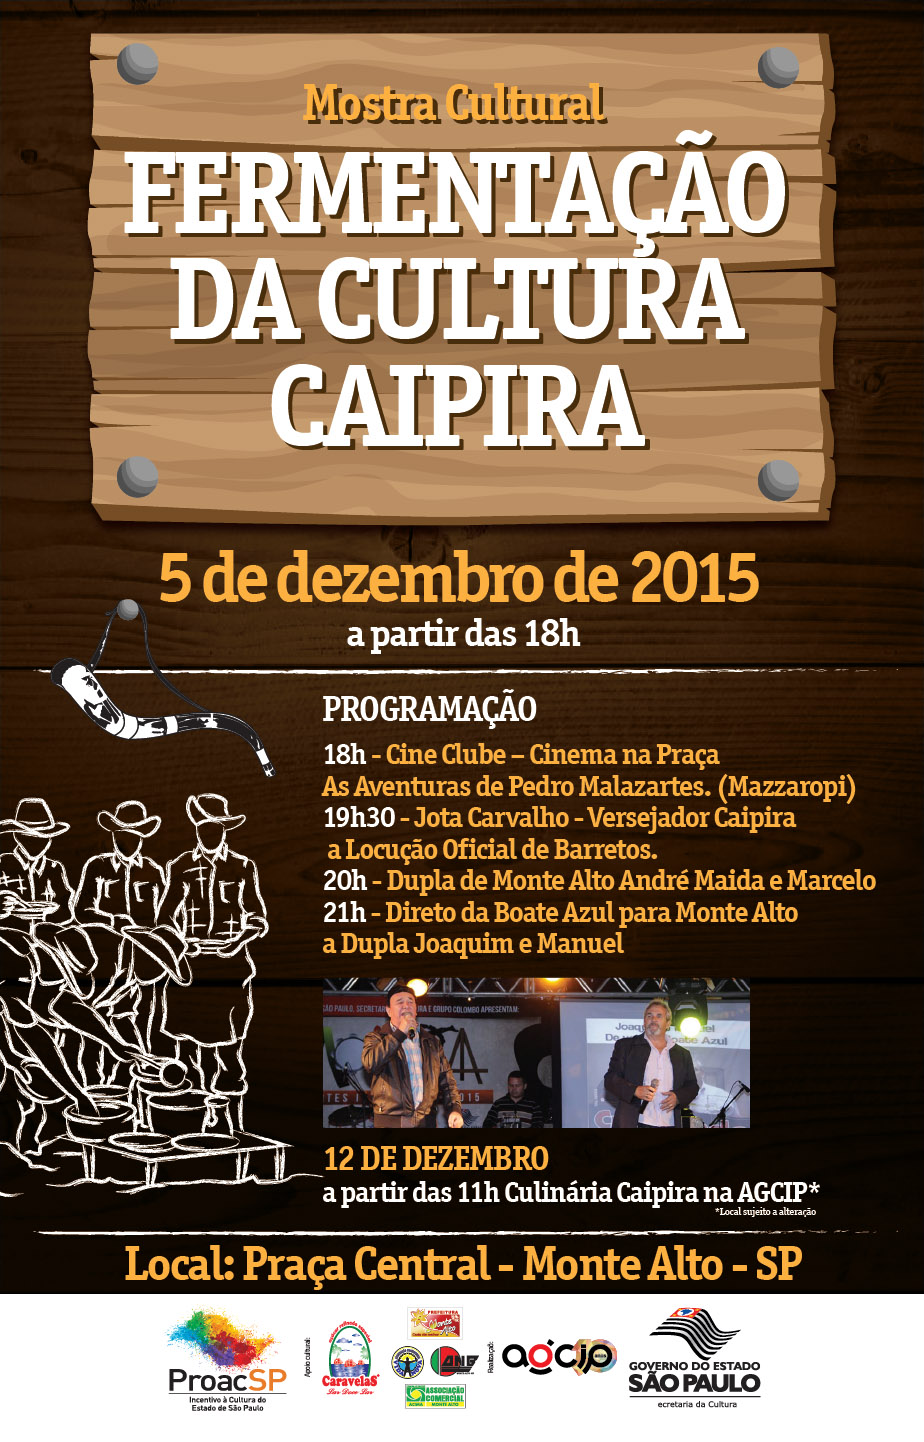 programacao_fermentacao-cultura-caipira-monte-alto